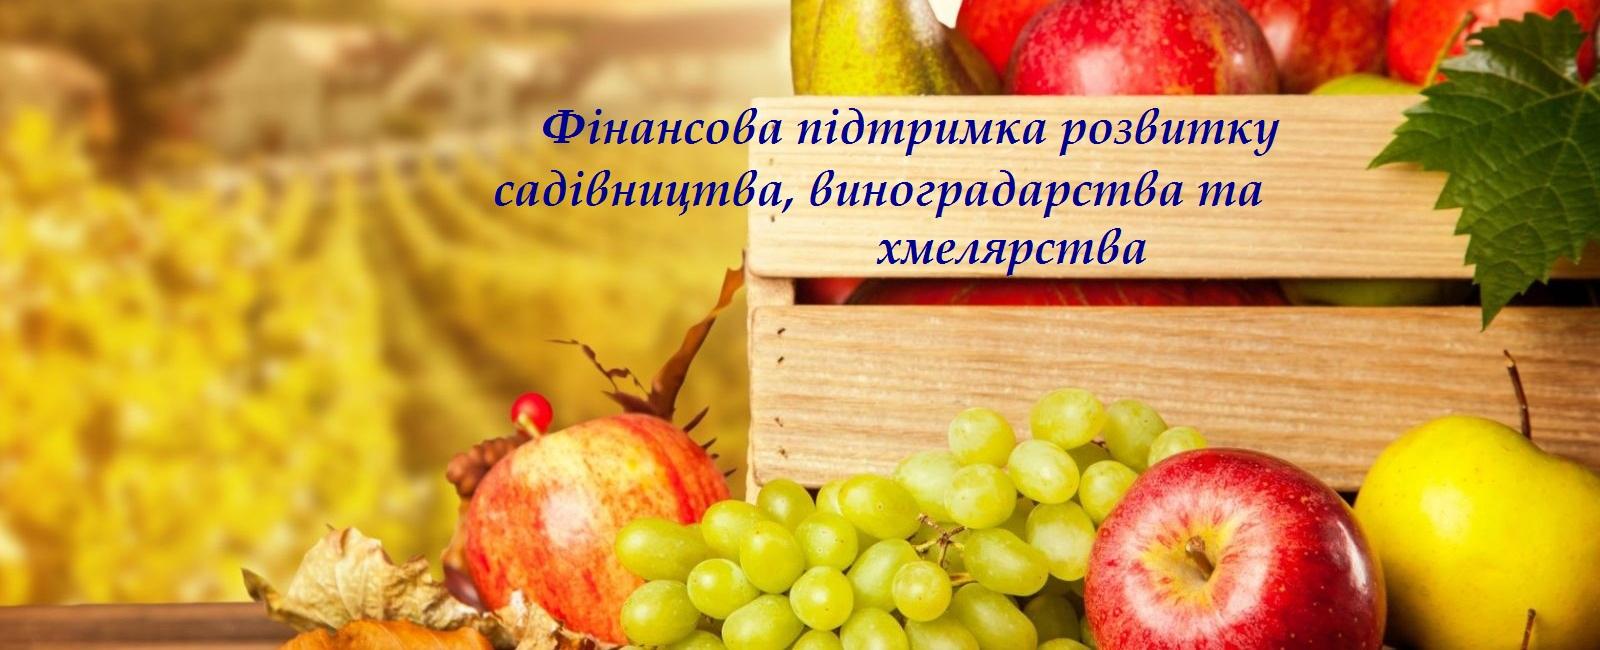 Донецька селищна рада інформує про приймання документів за програмою «Фінансова підтримка розвитку садівництва, виноградарства та хмелярства»